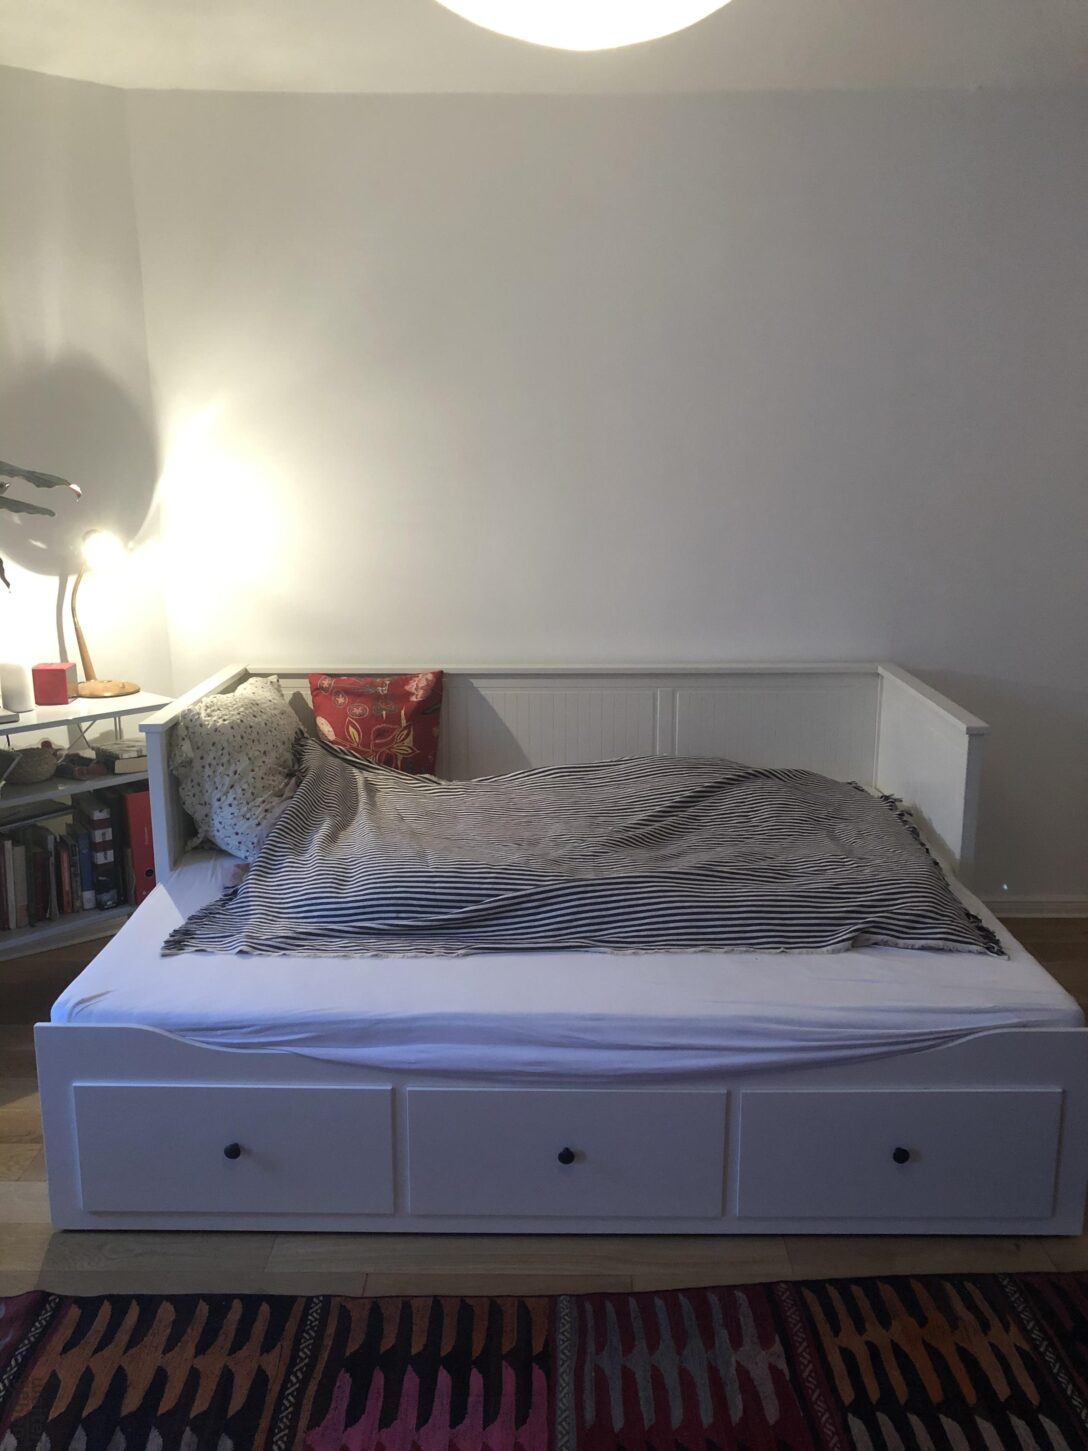 Large Size of Ikea Bett 120x200 Unterschrank Test 3 Betten Mit Bettkasten Such Frau Fürs Halbhohes Wildeiche Aus Paletten Kaufen Himmel Küche Kosten 140x200 Günstig Wohnzimmer Ikea Bett 120x200